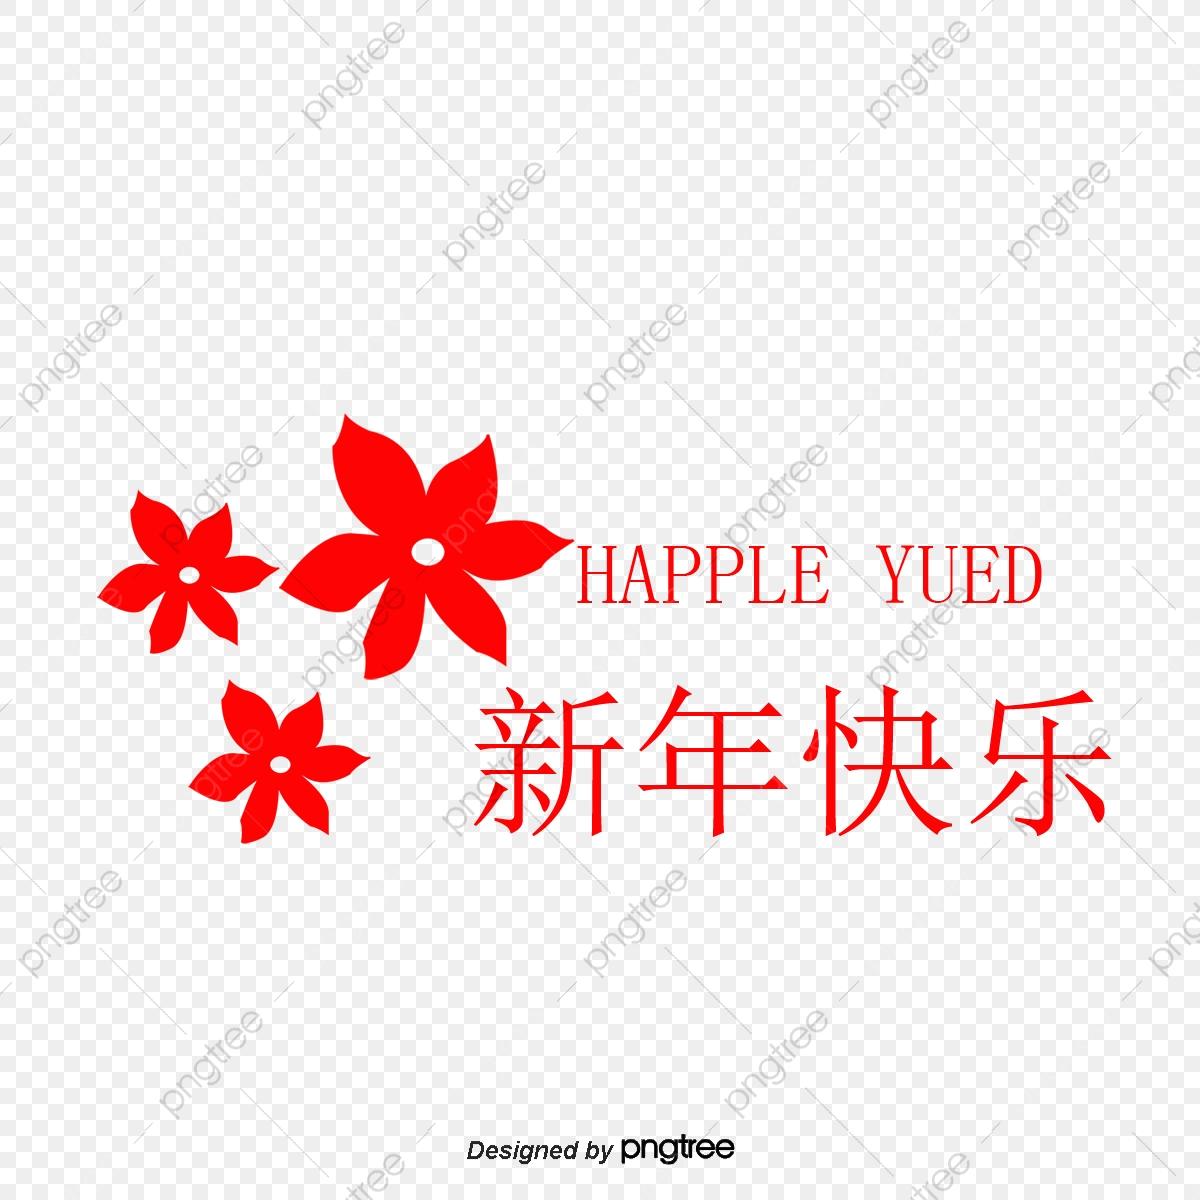 Hoa Chúc Mừng Năm Mới New Year, Hoa Chúc Mừng Năm Mới New, Năm, Chúc.